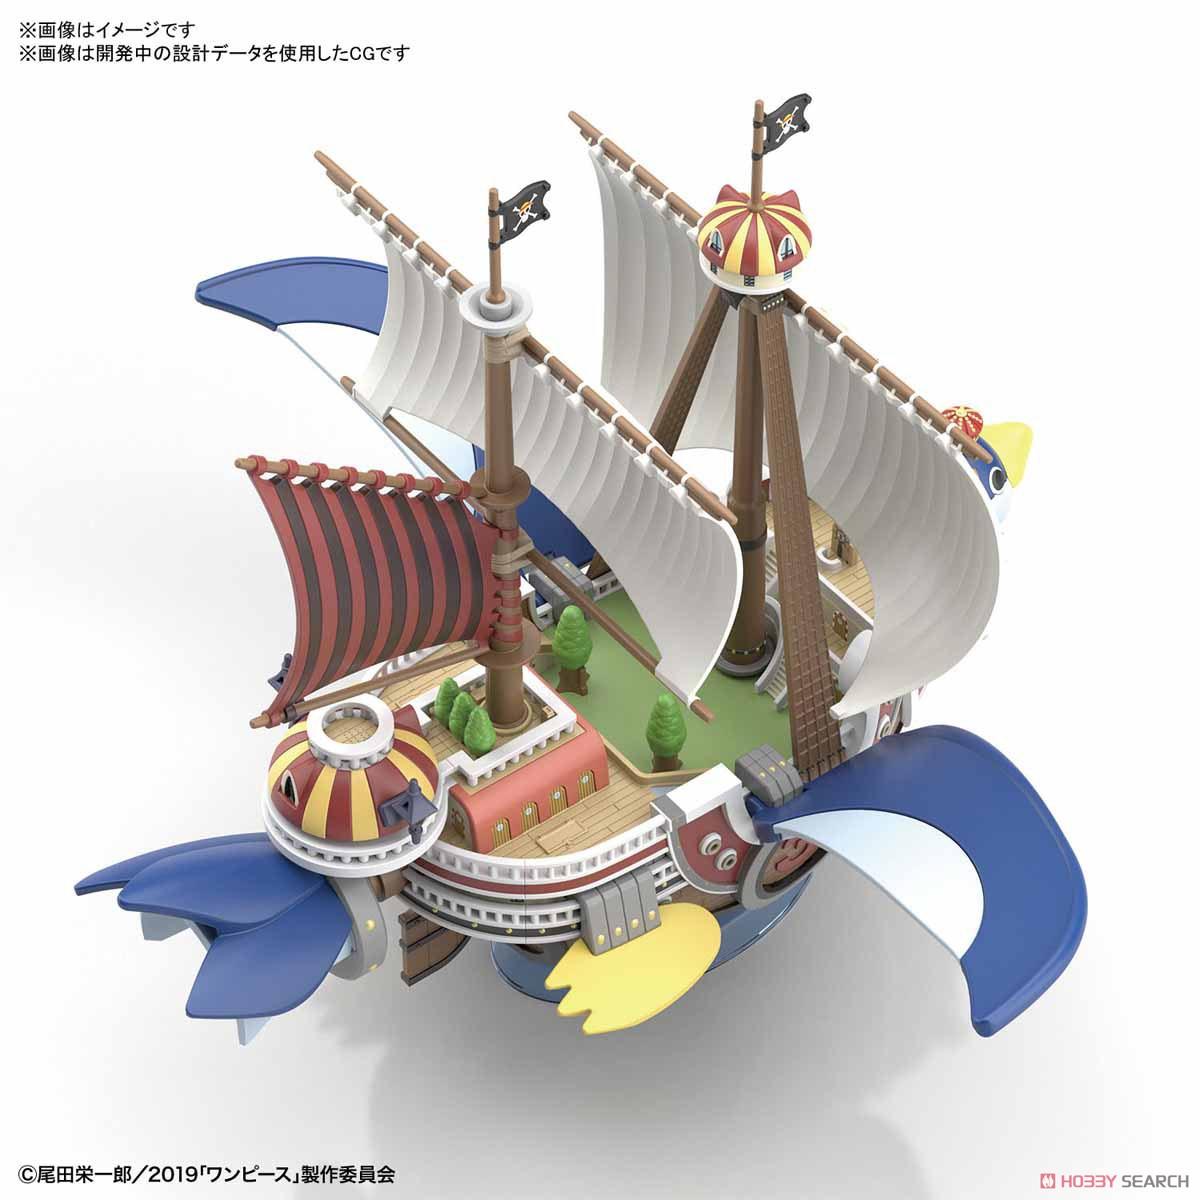 偉大なる船コレクション『サウザンド・サニー号 フライングモデル』ワンピース プラモデル-009